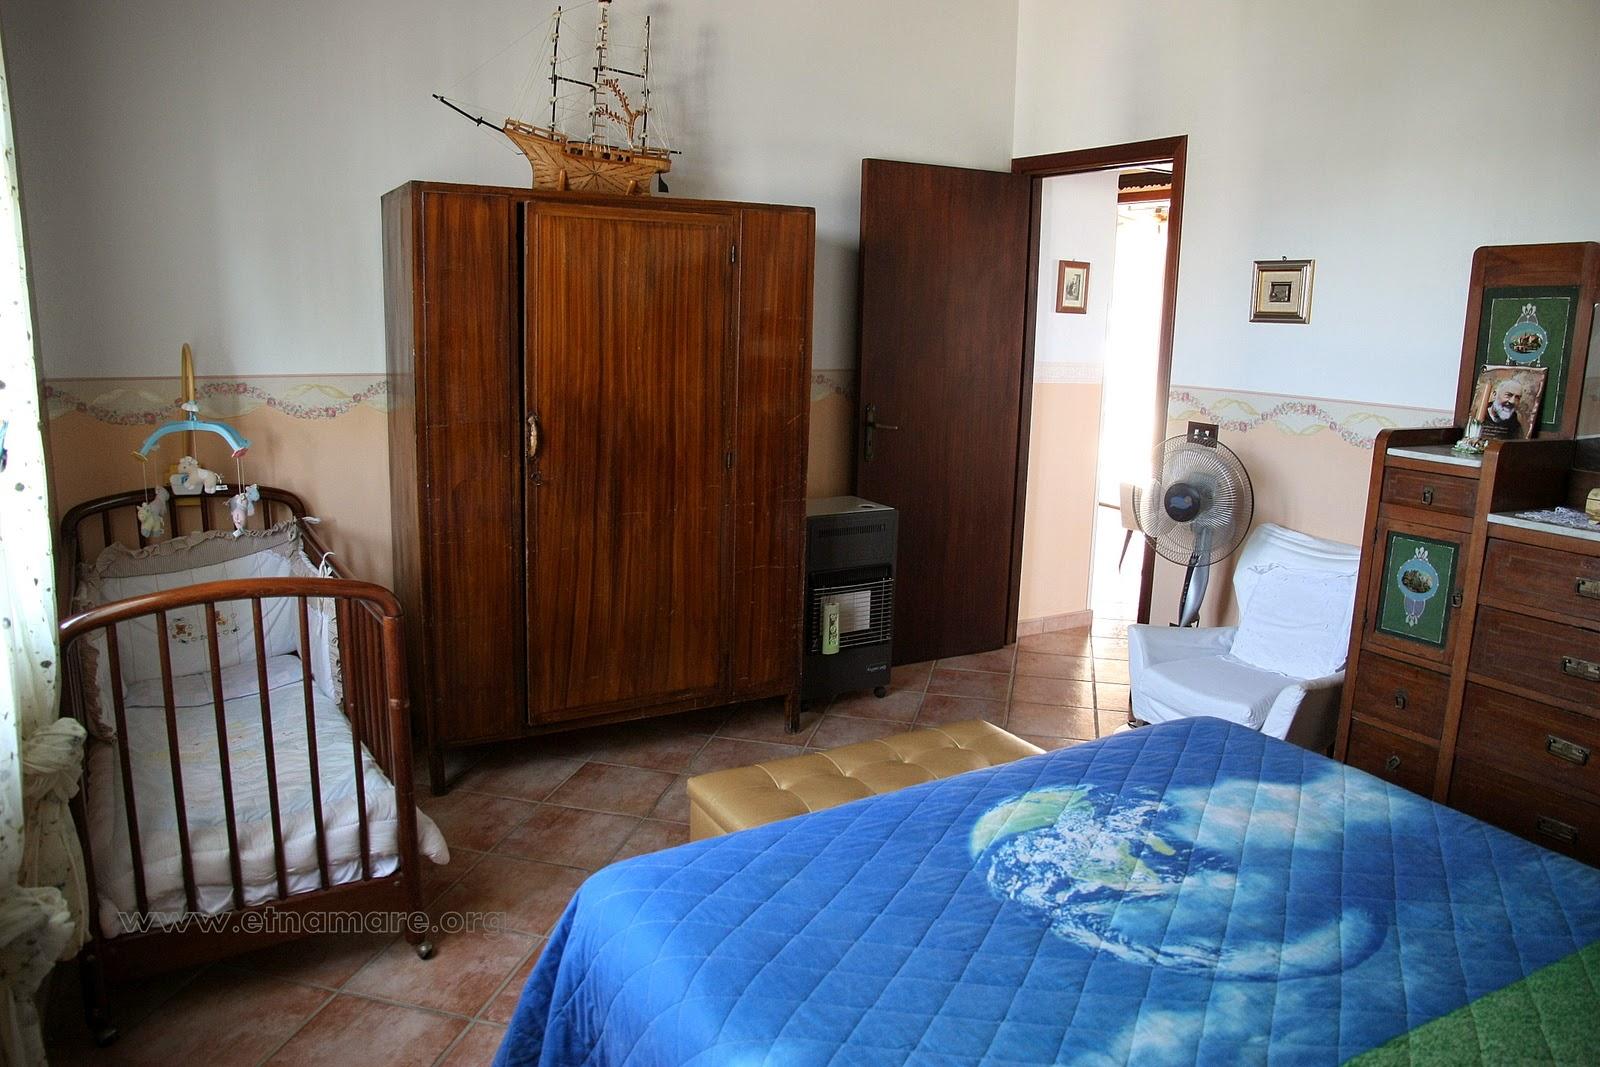 спальня 2 с детской кроваткой